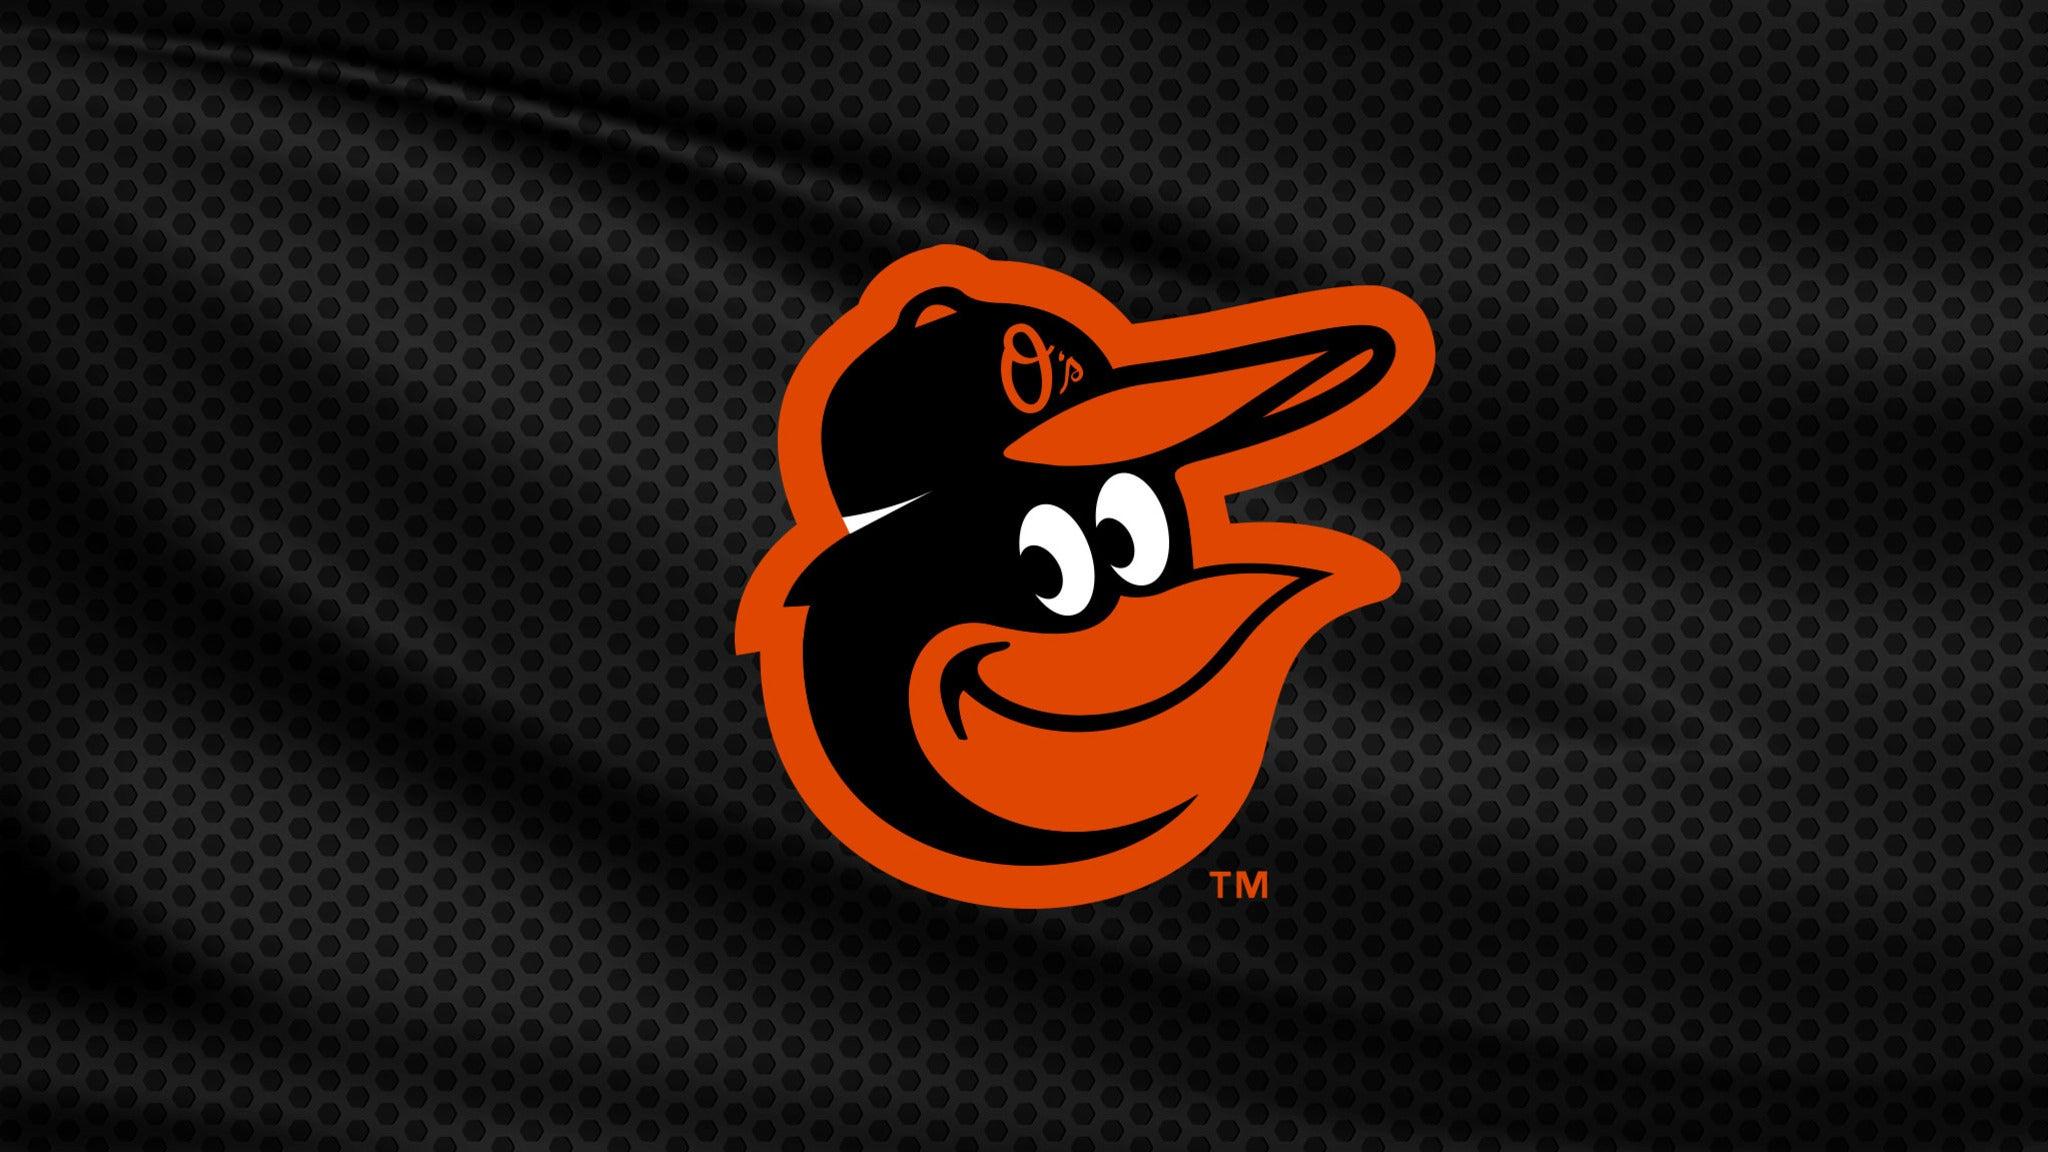 Baltimore Orioles live